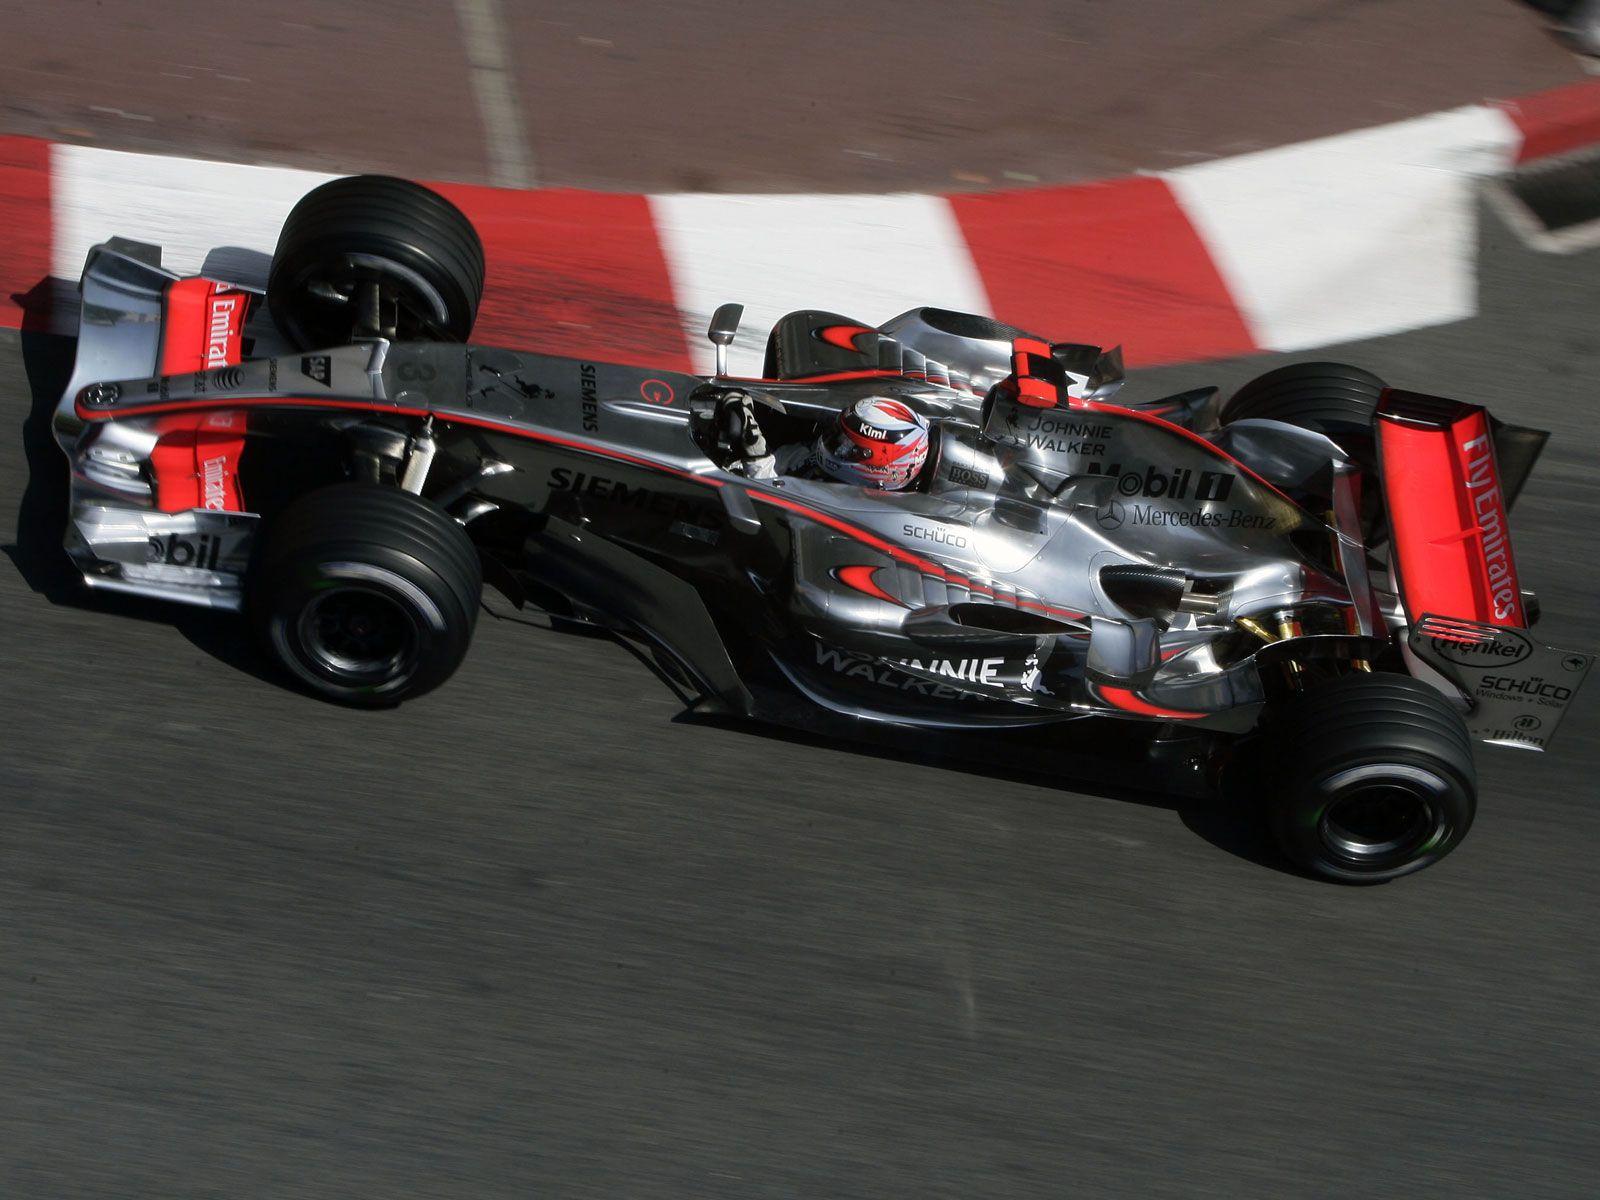 Kimi Raikkonen, McLaren MP4/21, 2006 Monaco GP